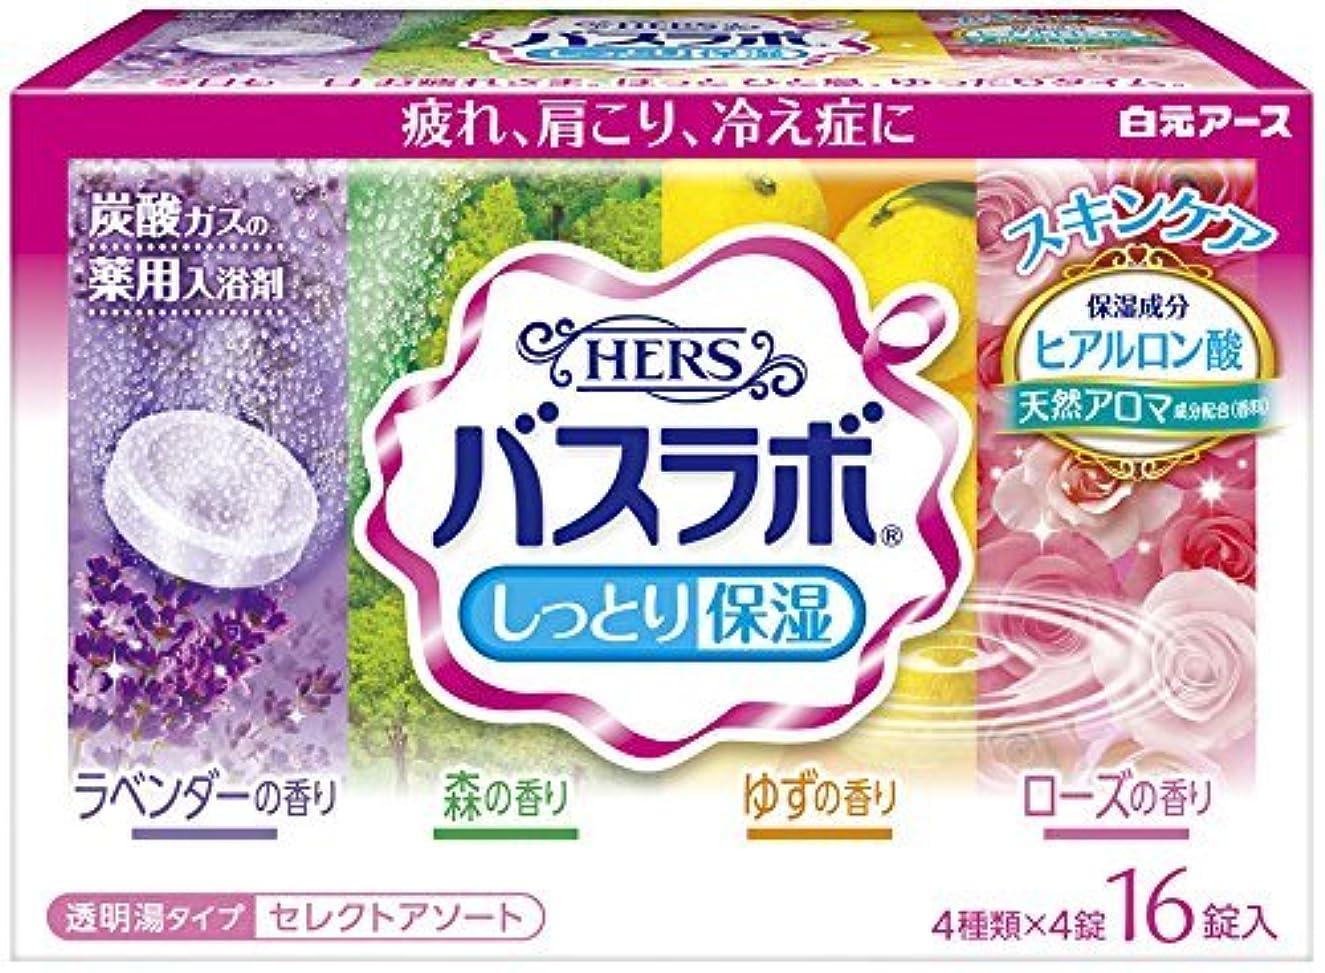 笑い消費者学習HERS バスラボ しっとり保湿 薬用入浴剤 セレクトアソート 4種類×4錠入